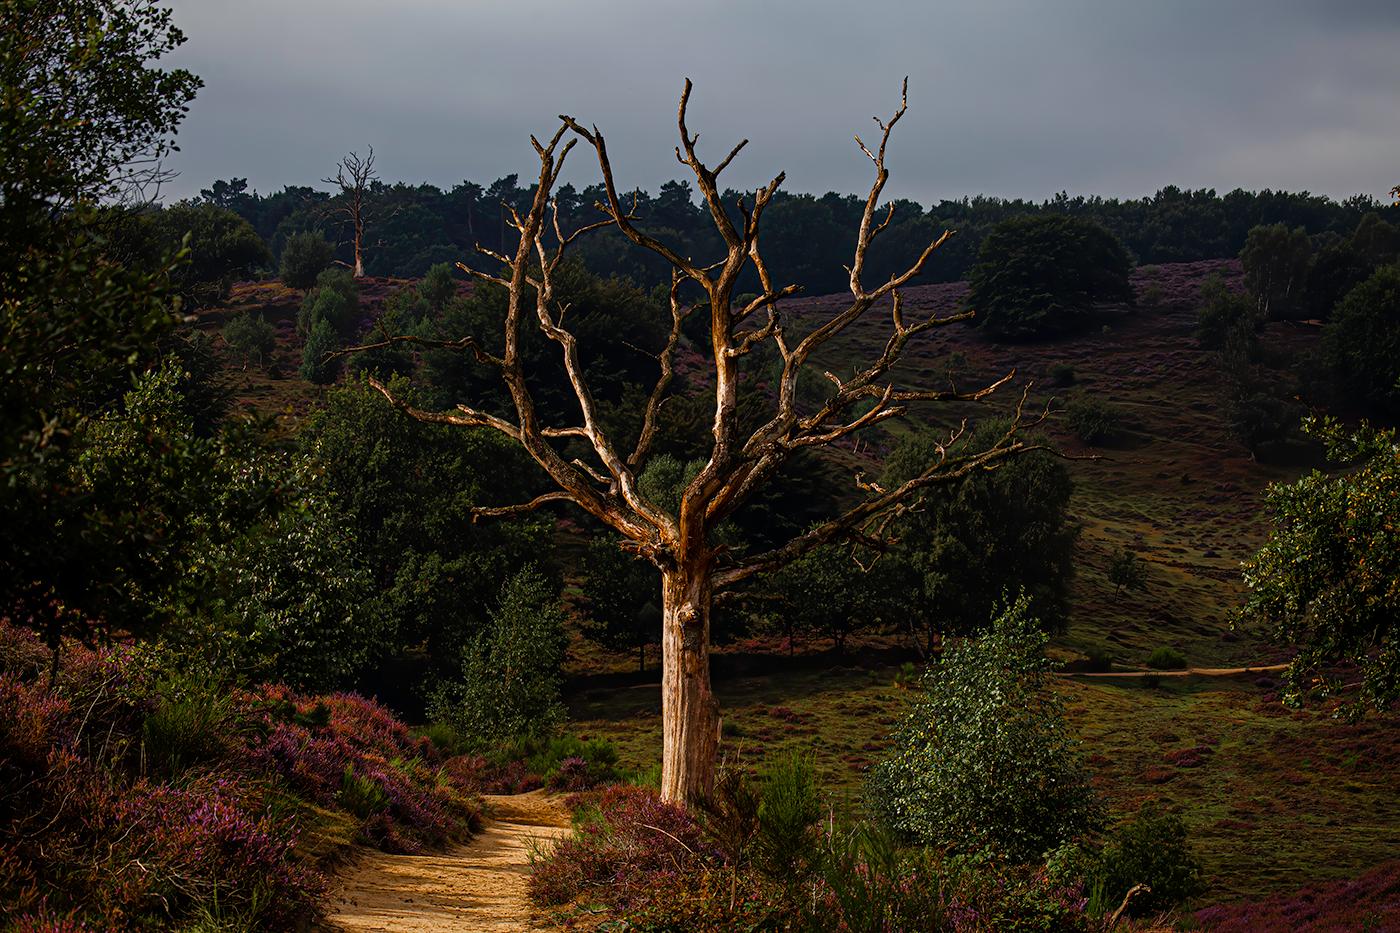 Dode boom tussen hei in bloei